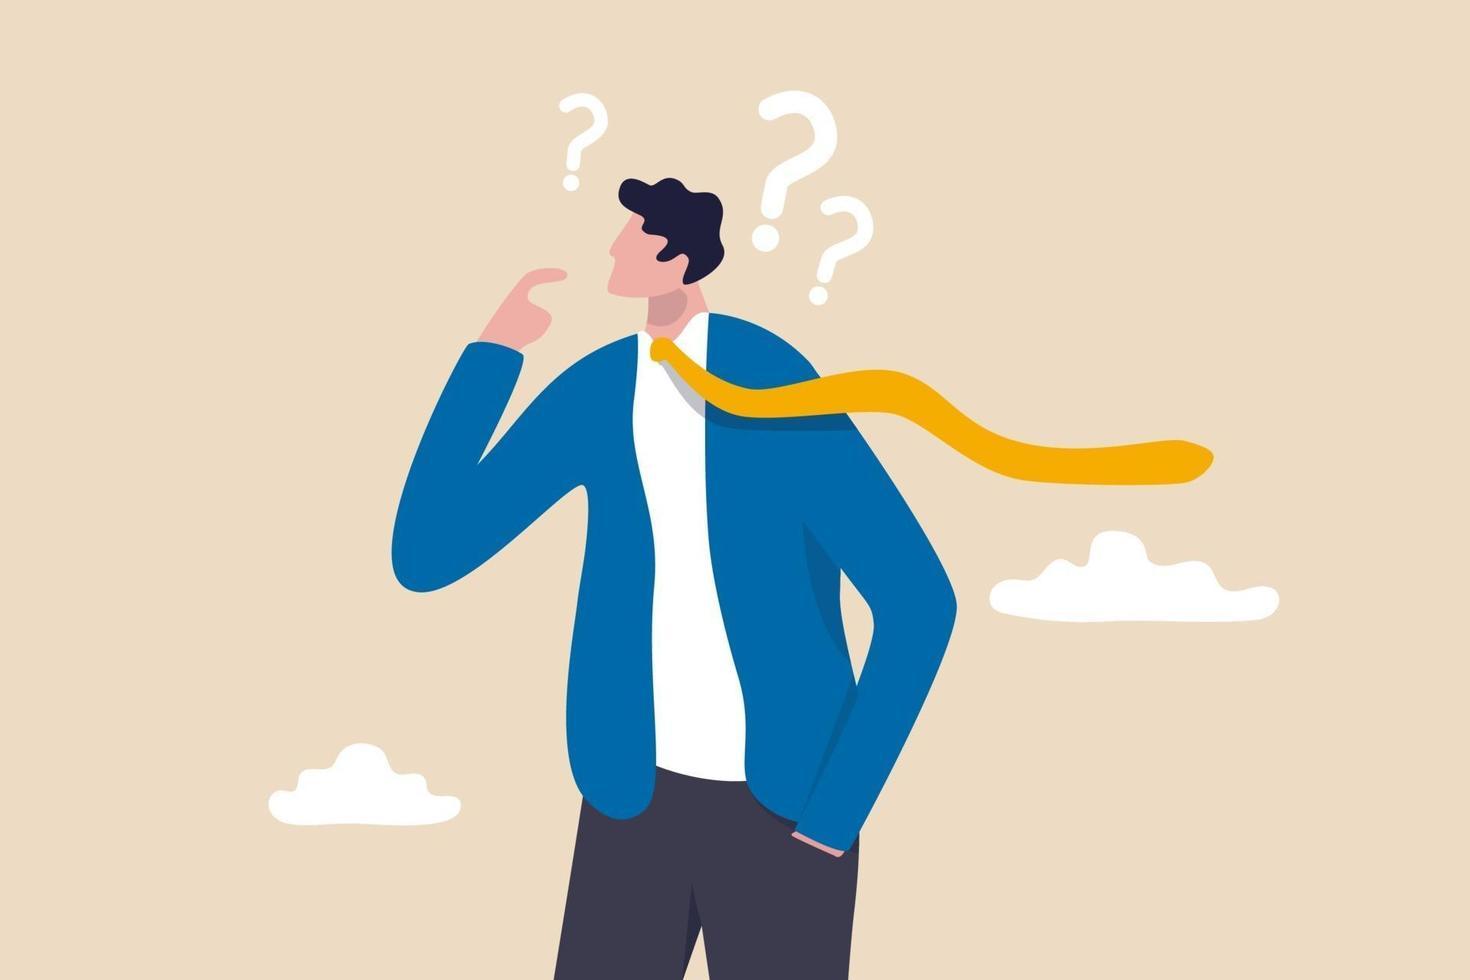 cético, desconfiado ou questionador sobre o negócio, pensando para tomar uma decisão, duvidoso ou confuso conceito vetor